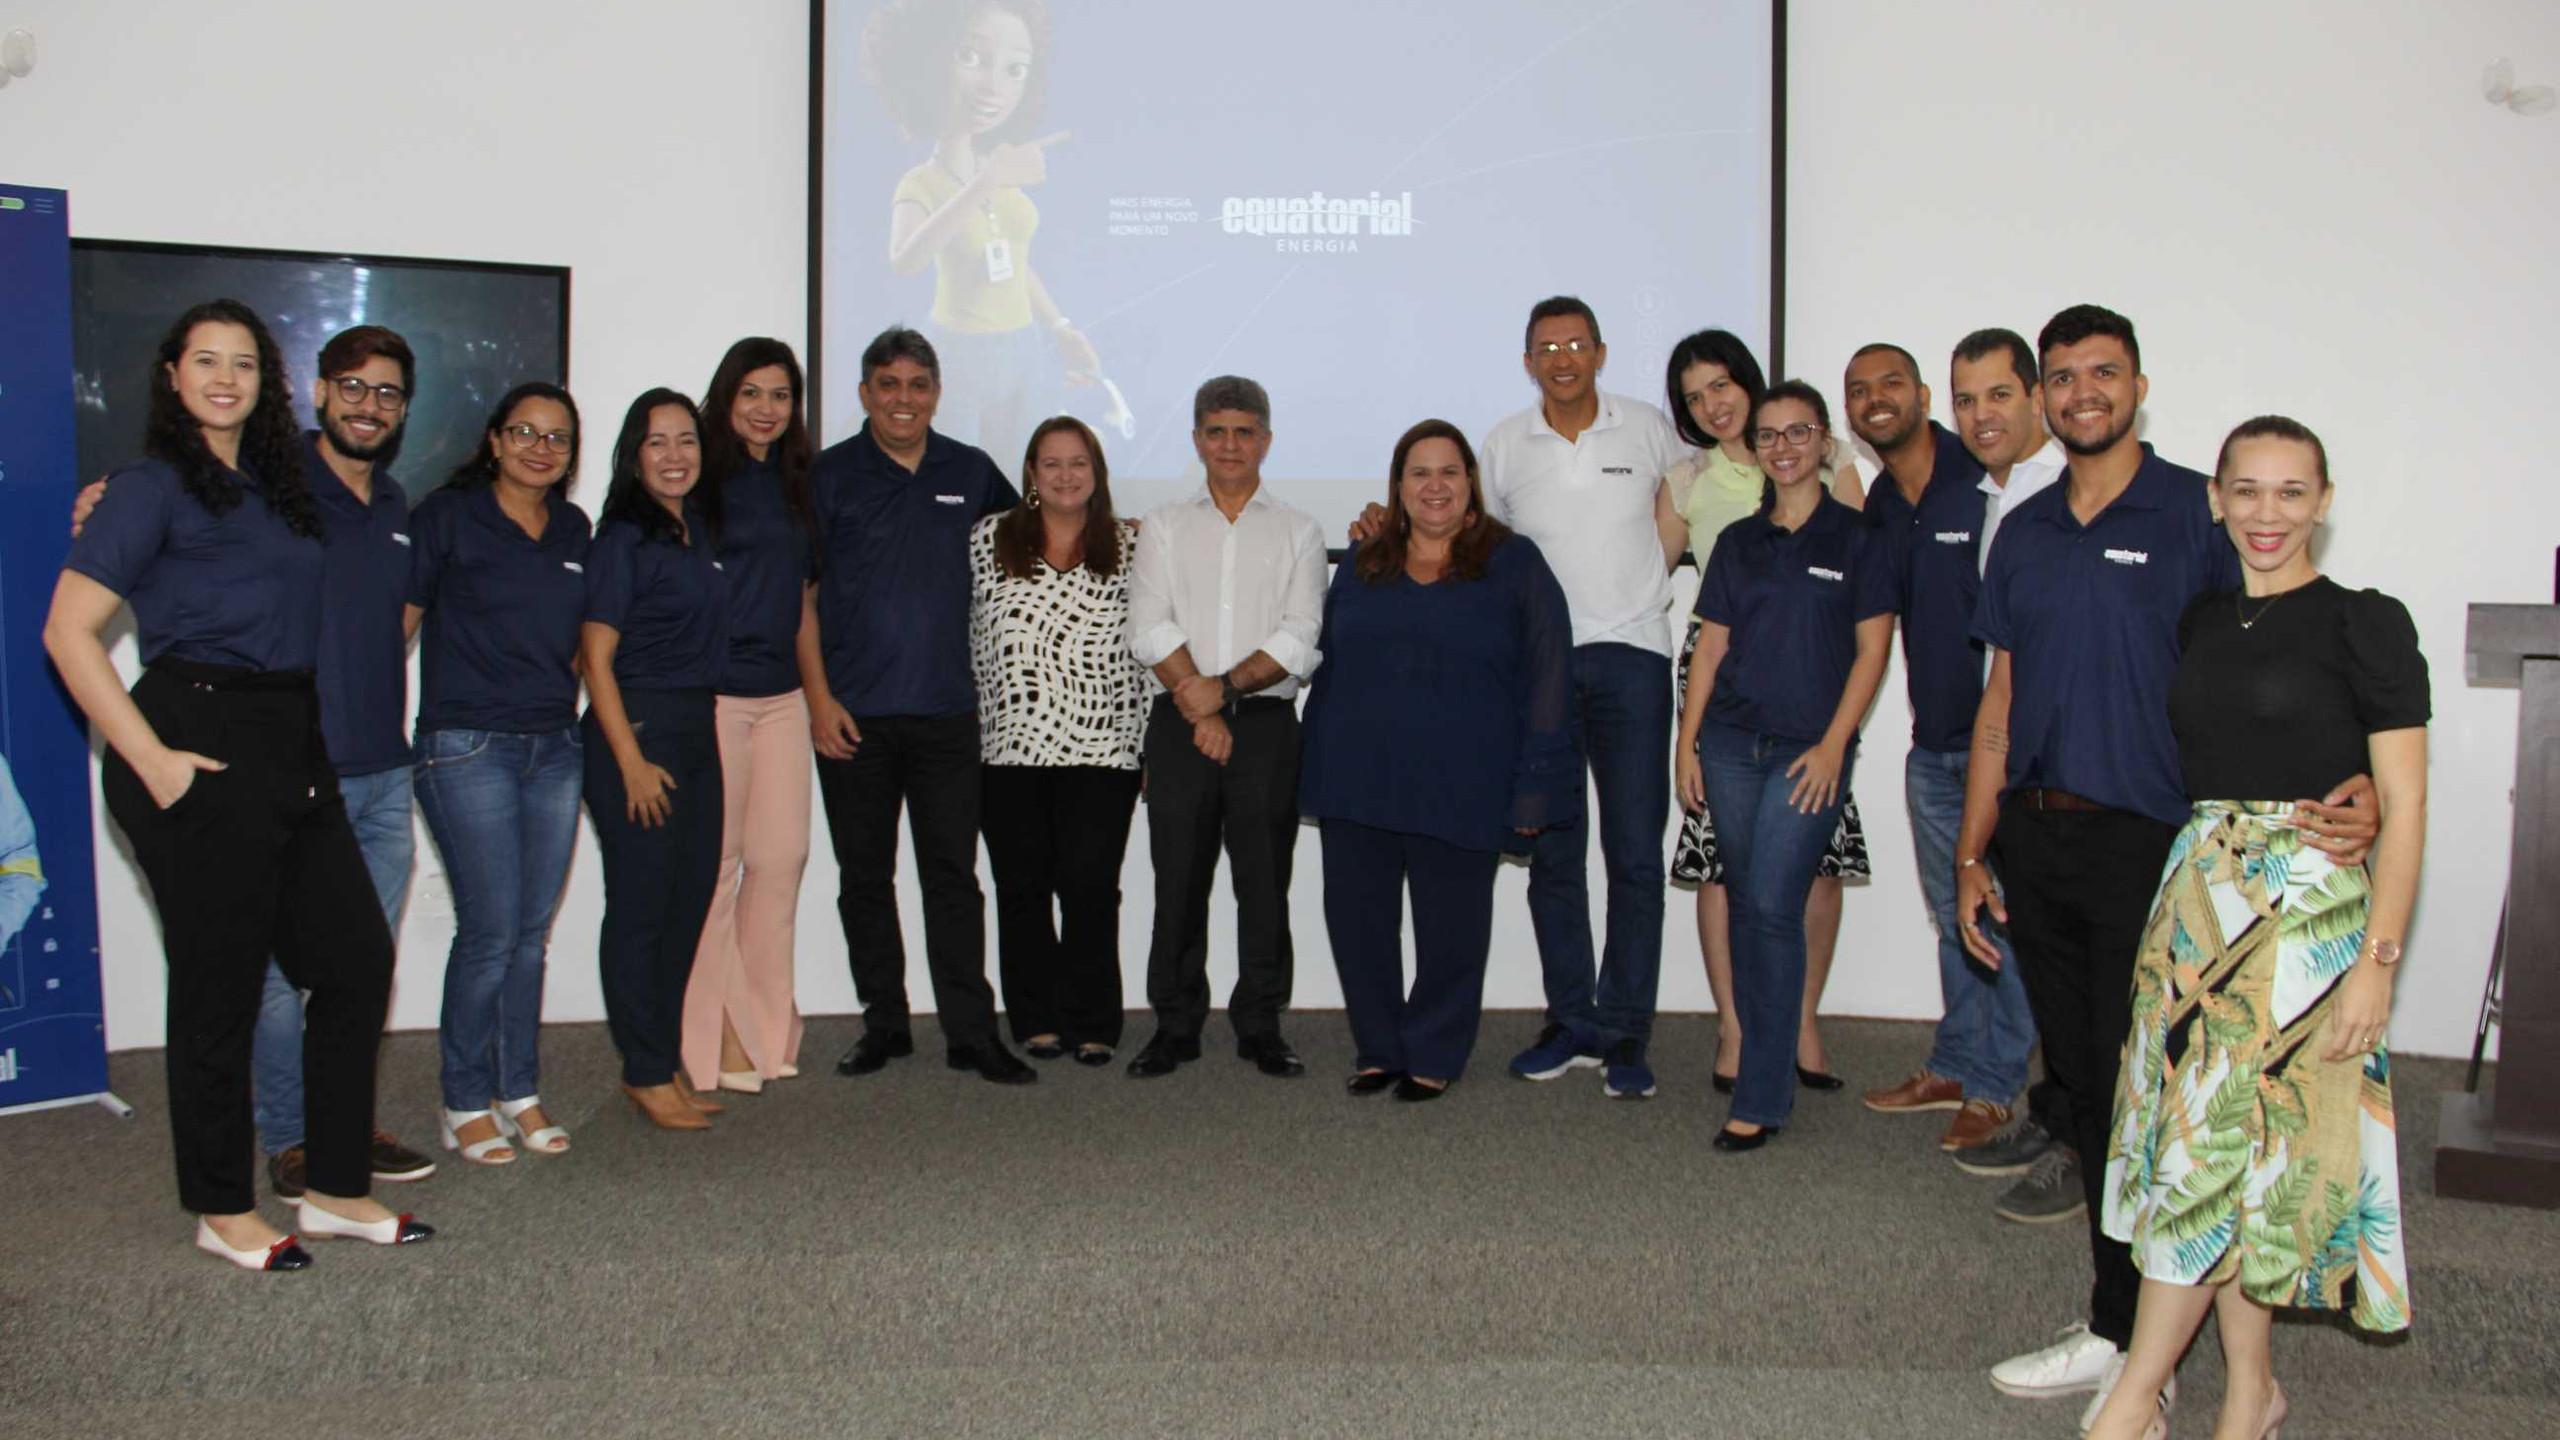 Augusto Miranda e Augusto Dantas com as Assessoras de Imprensa Adriana e Danielle Vieira e a Equipe de Comunicação e Marketing da Equatorial MA.